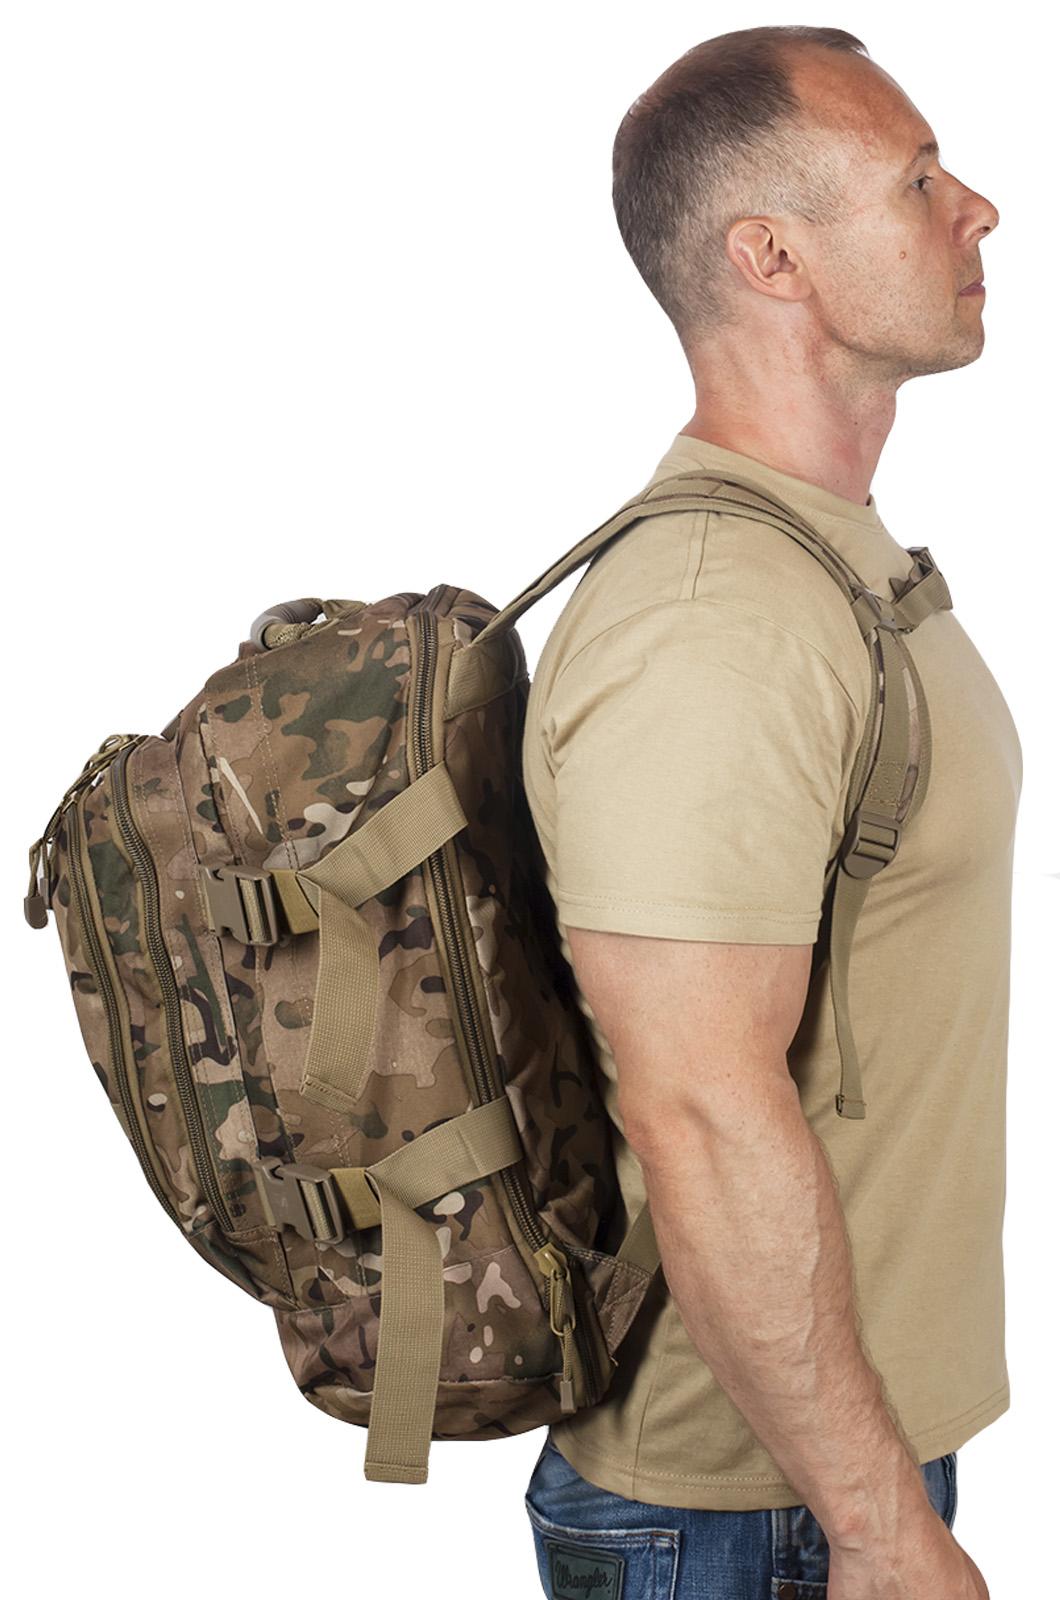 Тактический рюкзак разведчика 3-Day Expandable Backpack 08002B Multicam с эмблемой МВД